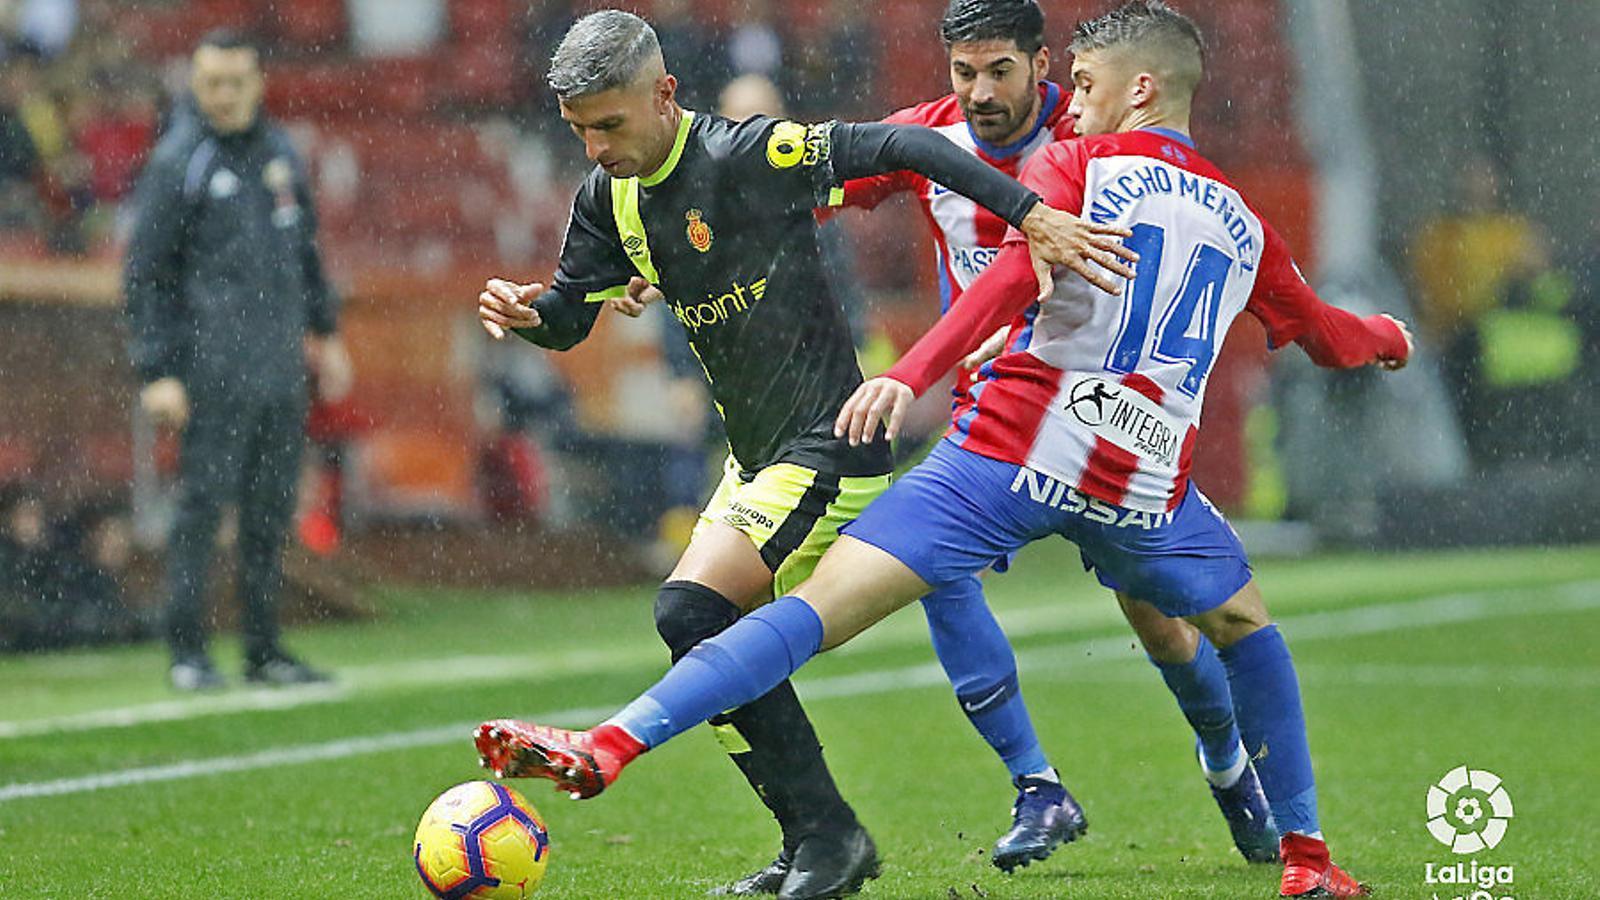 L'Sporting de Gijón va guanyar per la mínima, però va acabar demanant l'hora contra un Mallorca inoperant.